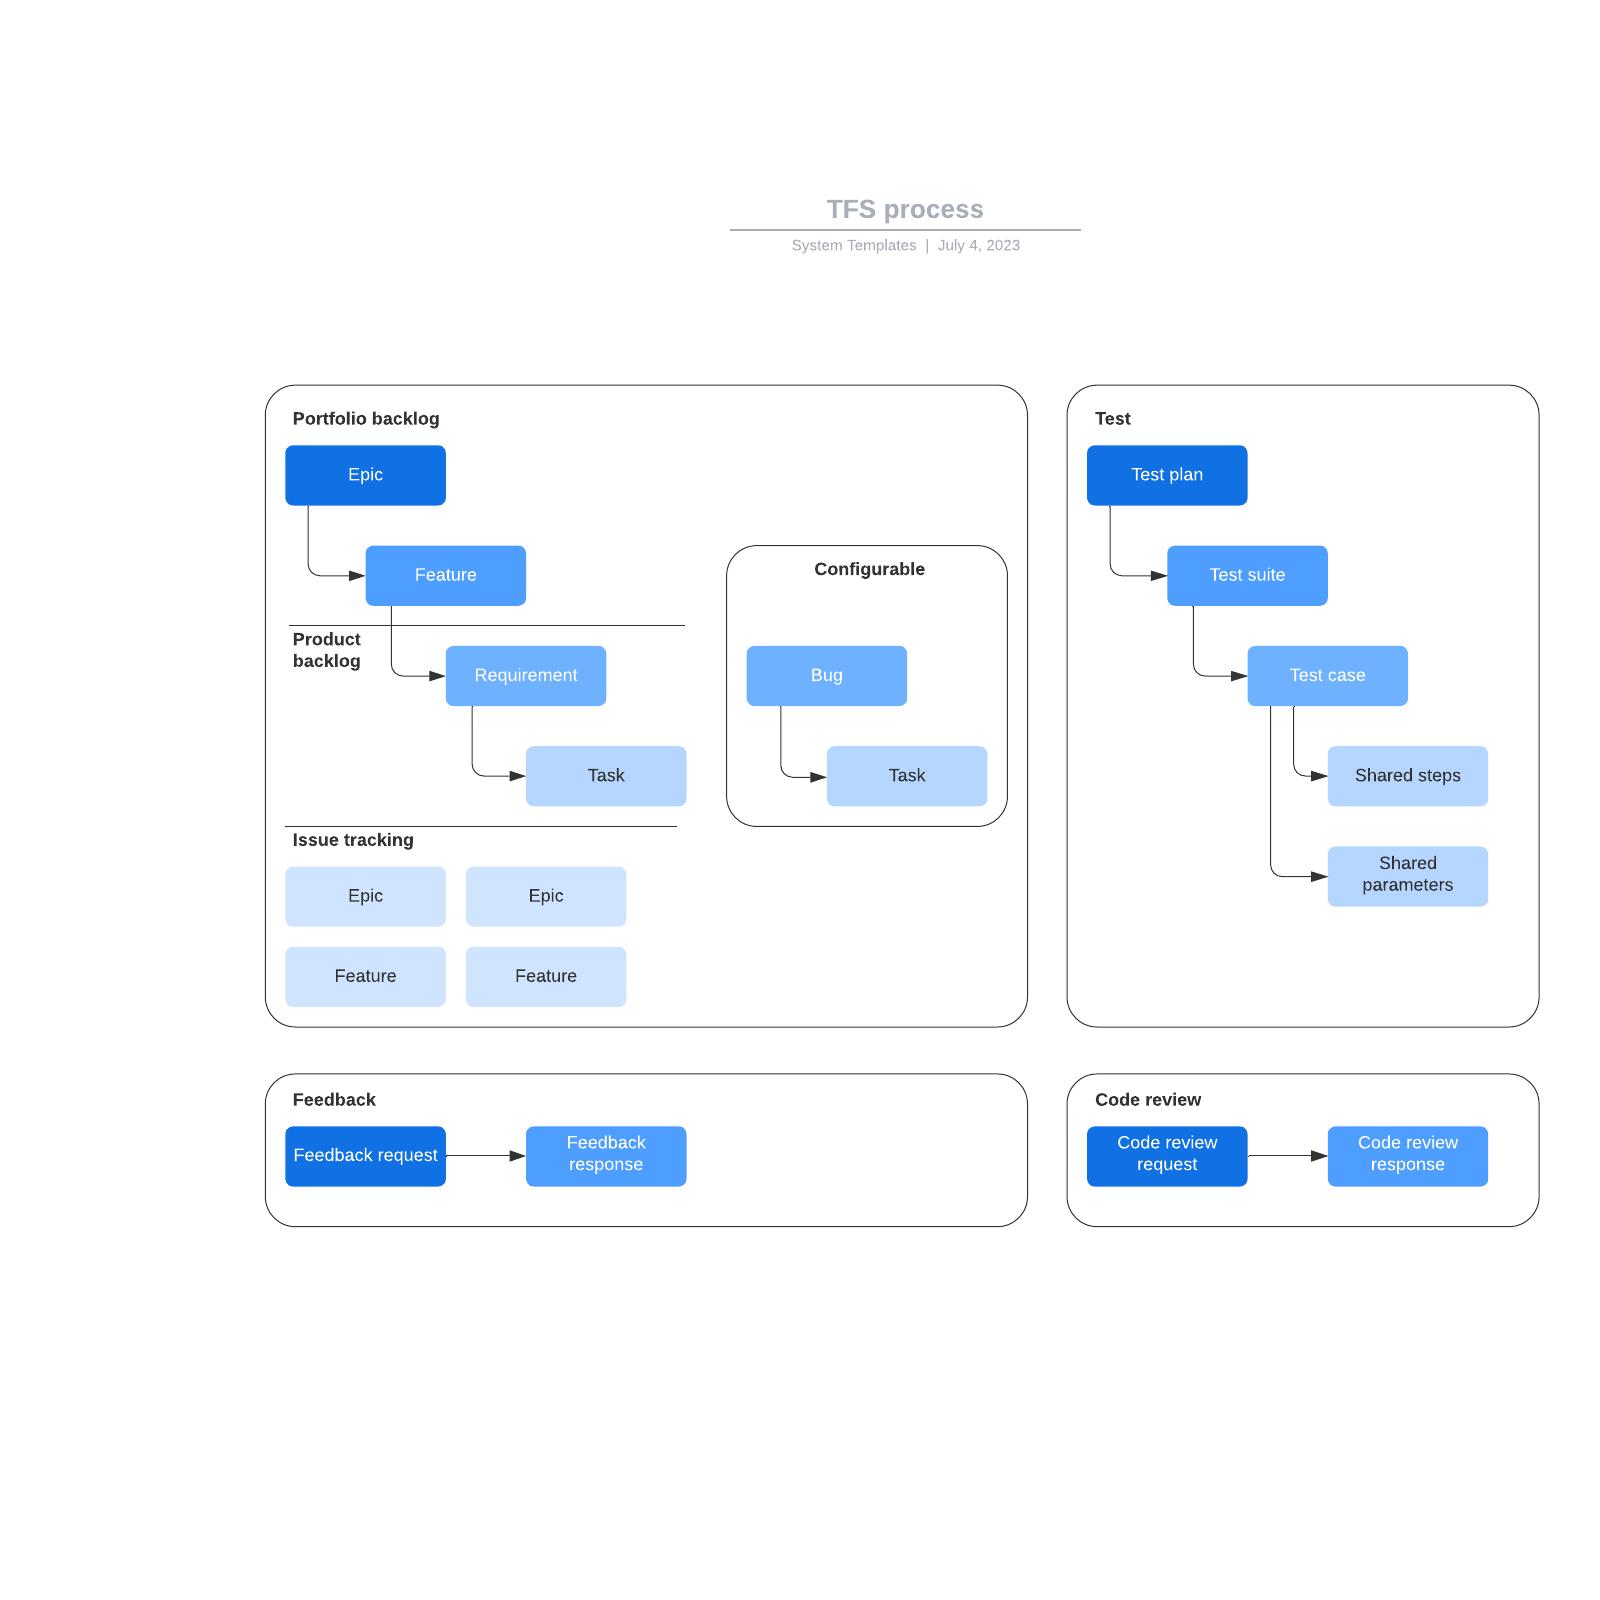 TFS process